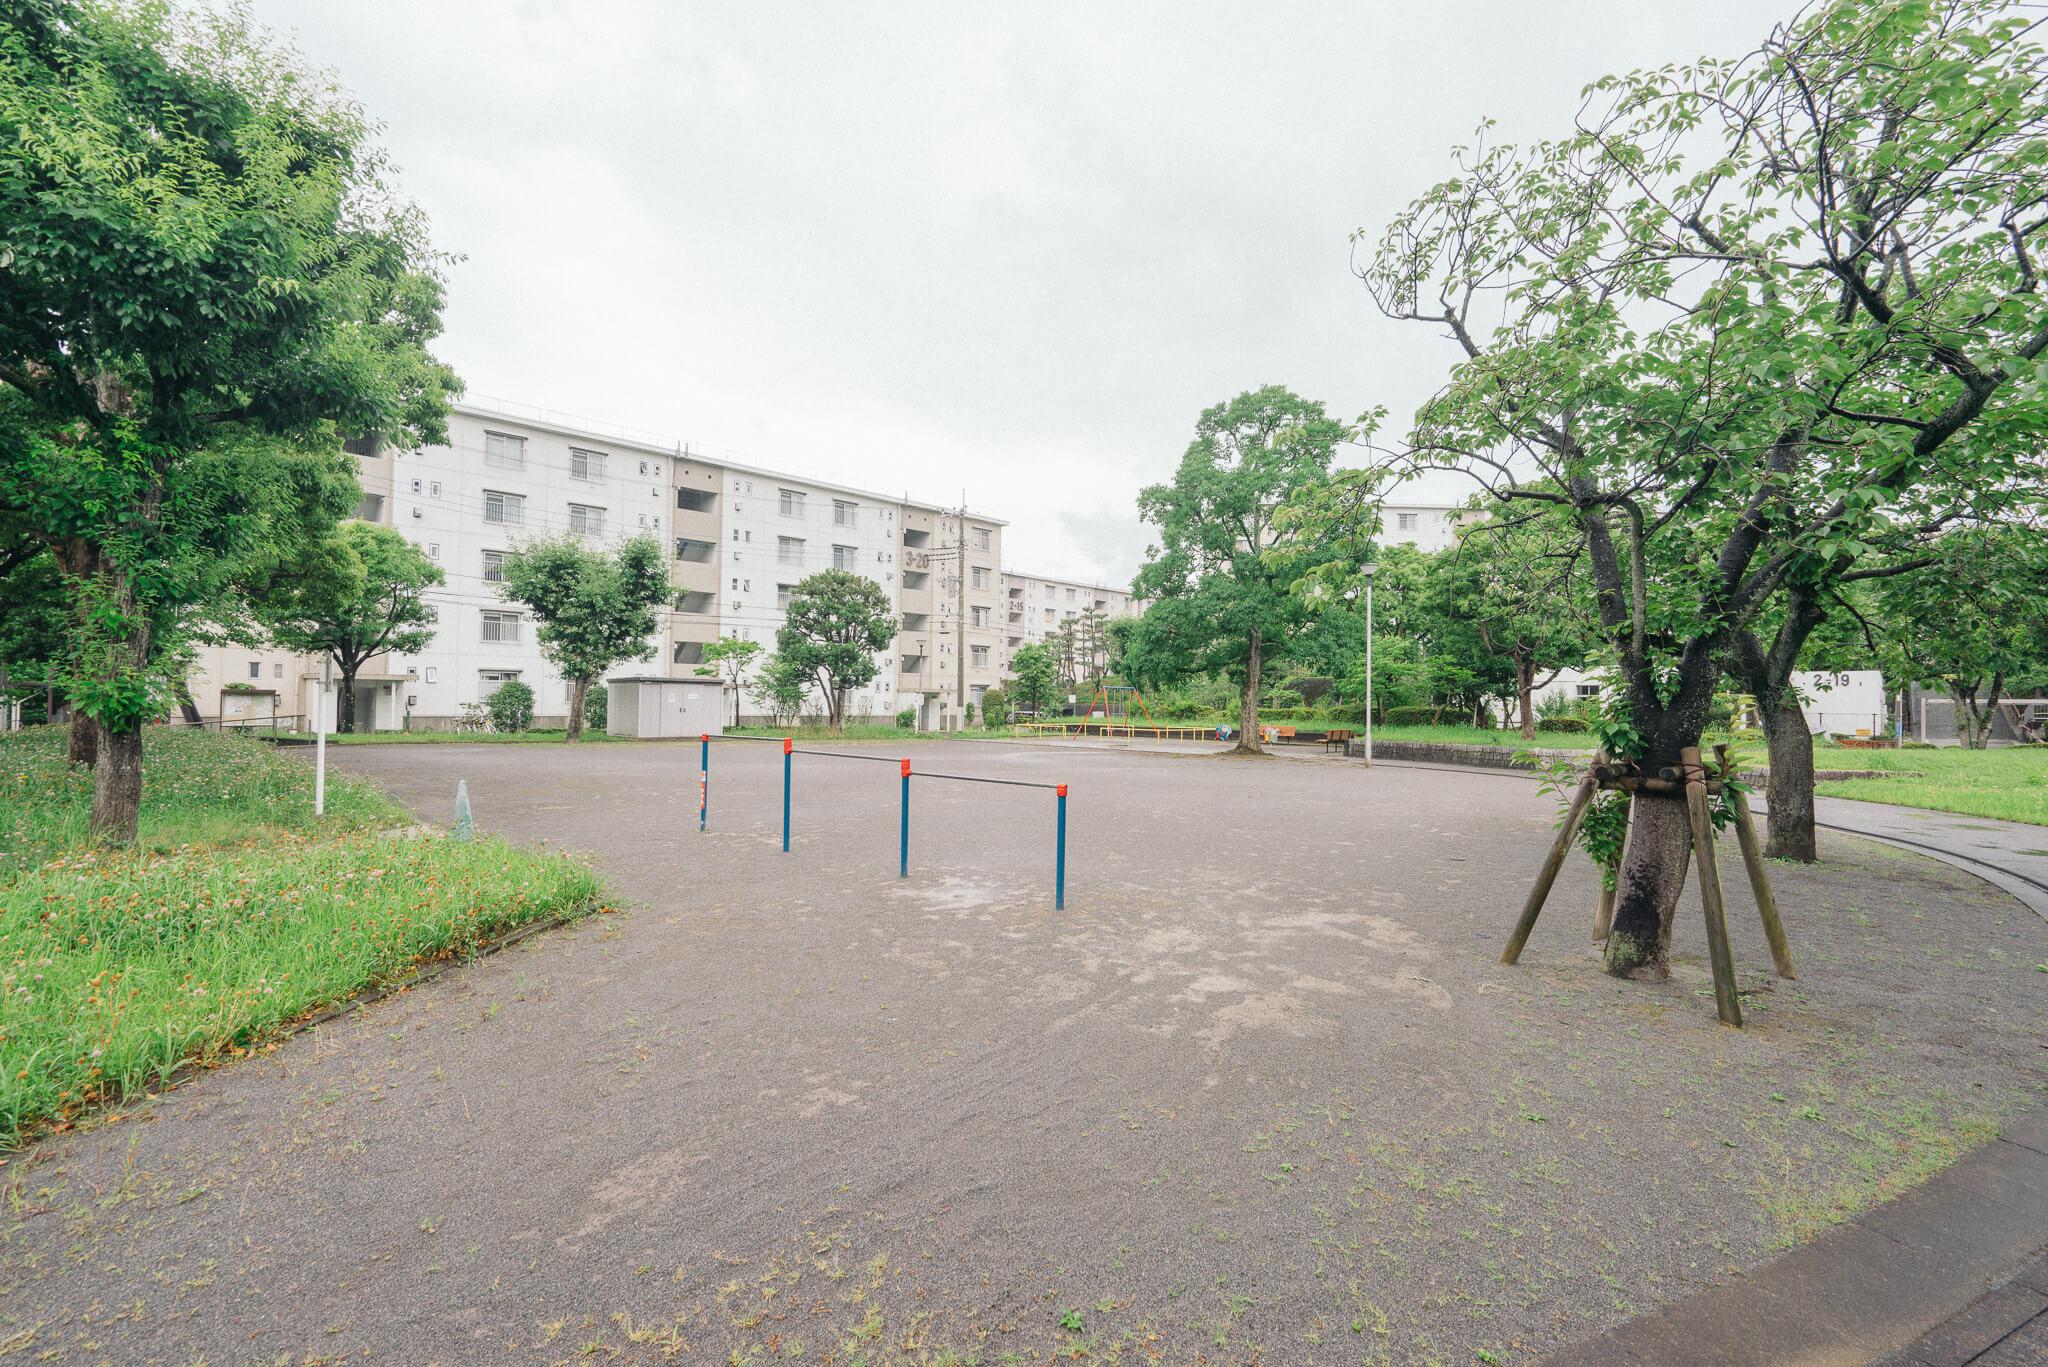 敷地内には広場や公園が配置され、ゆったりと空間が使われているので、空を広く感じます。